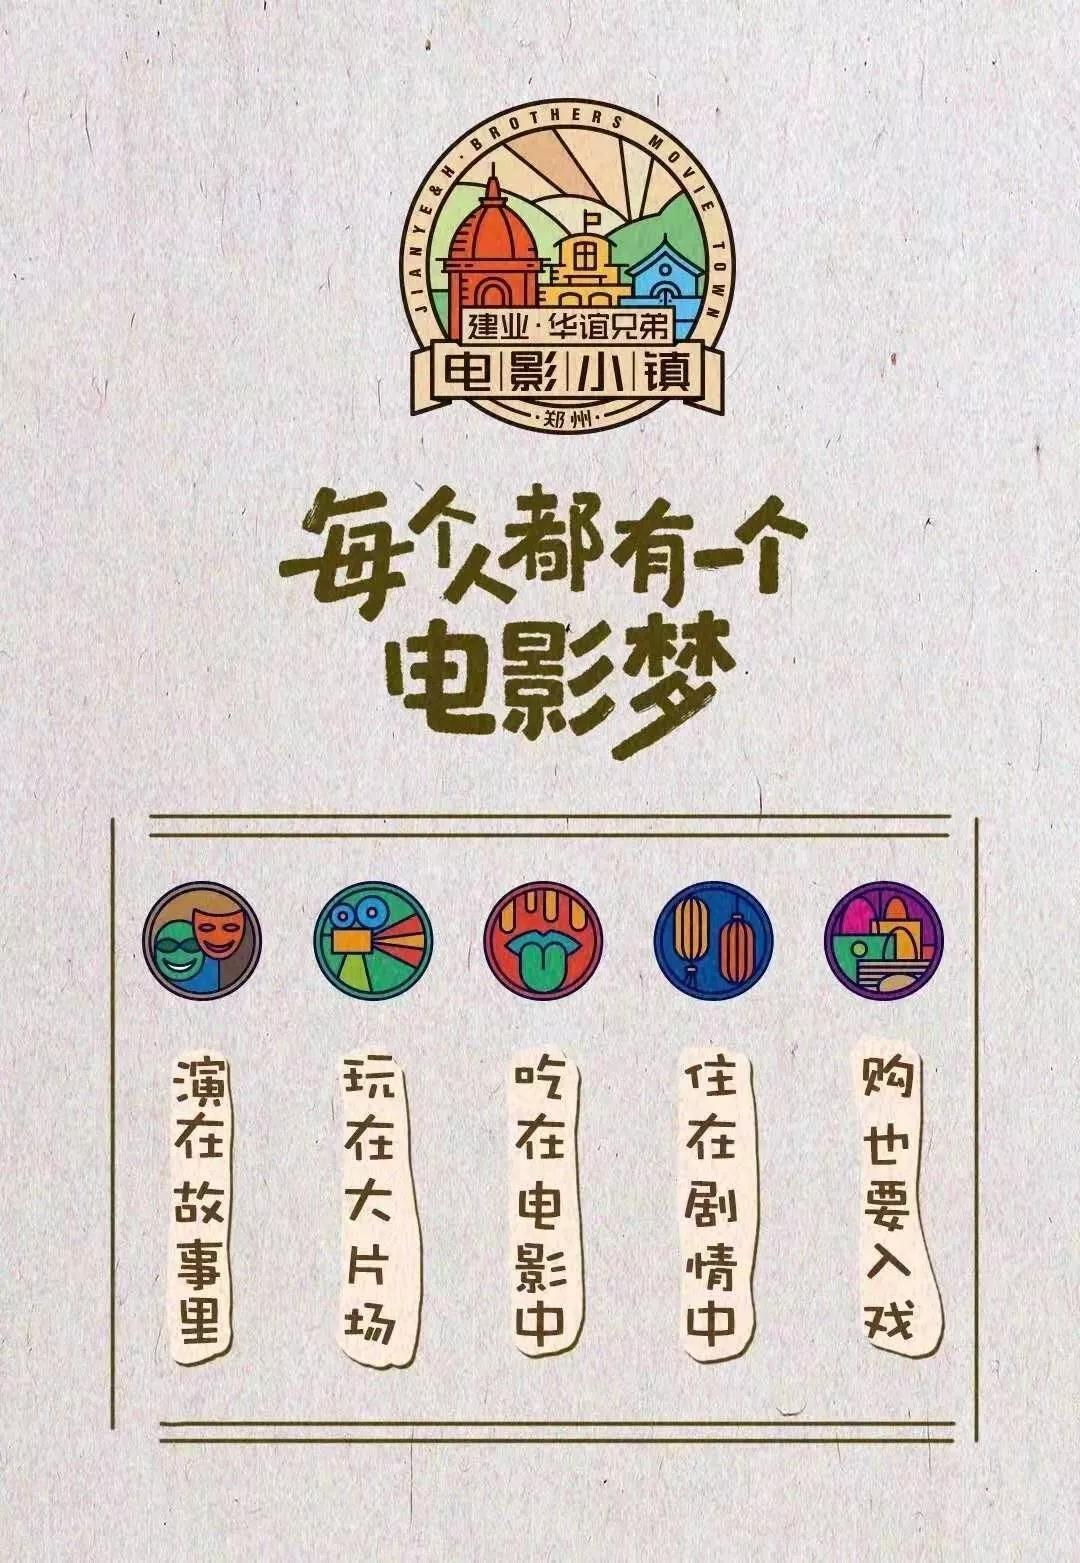 郑州建业电影小镇门票、地址、开业时间